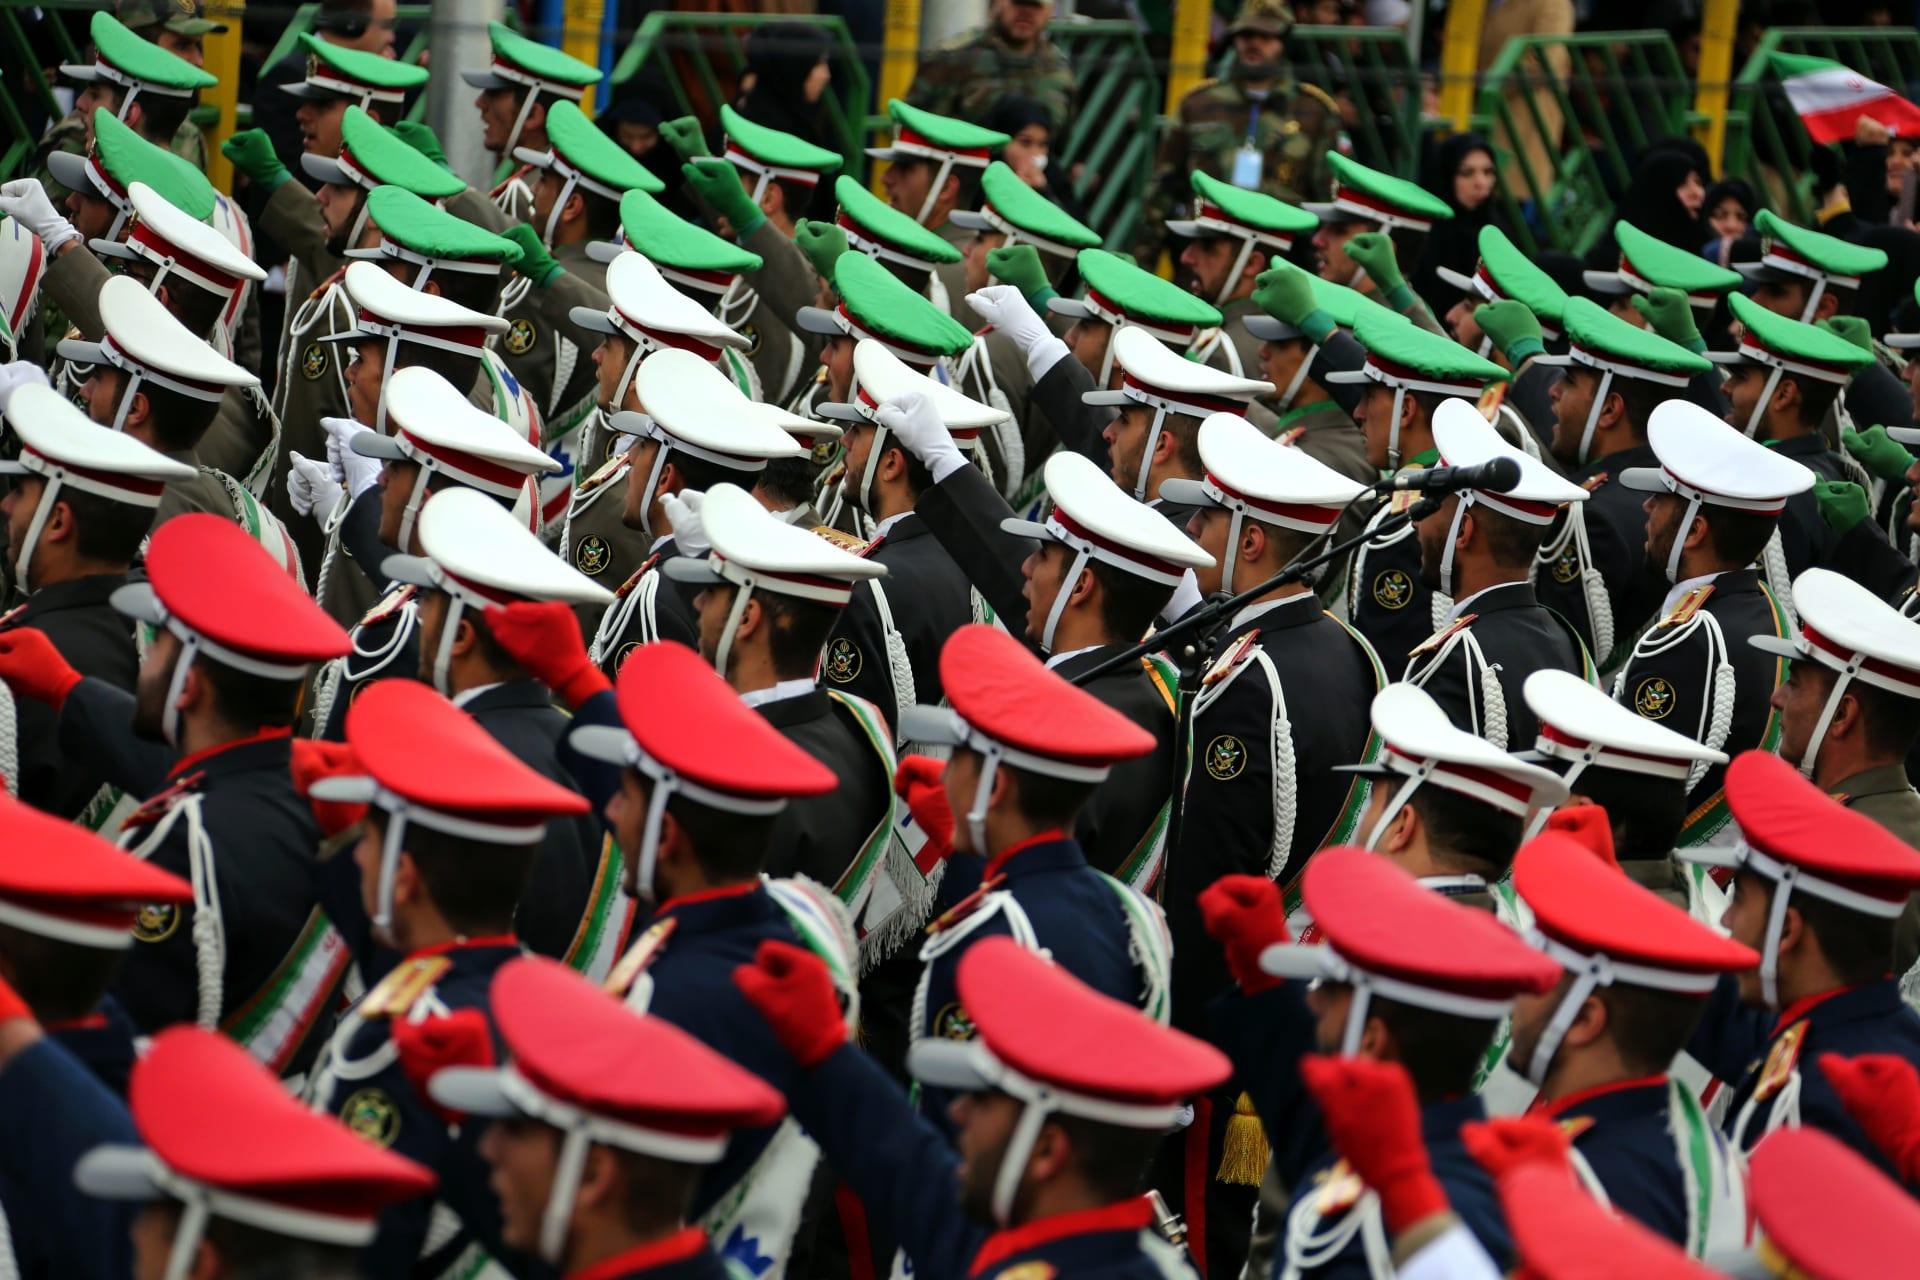 20 قتيلا و20 جريحا في انفجار استهدف حافلة للحرس الثوري الإيراني